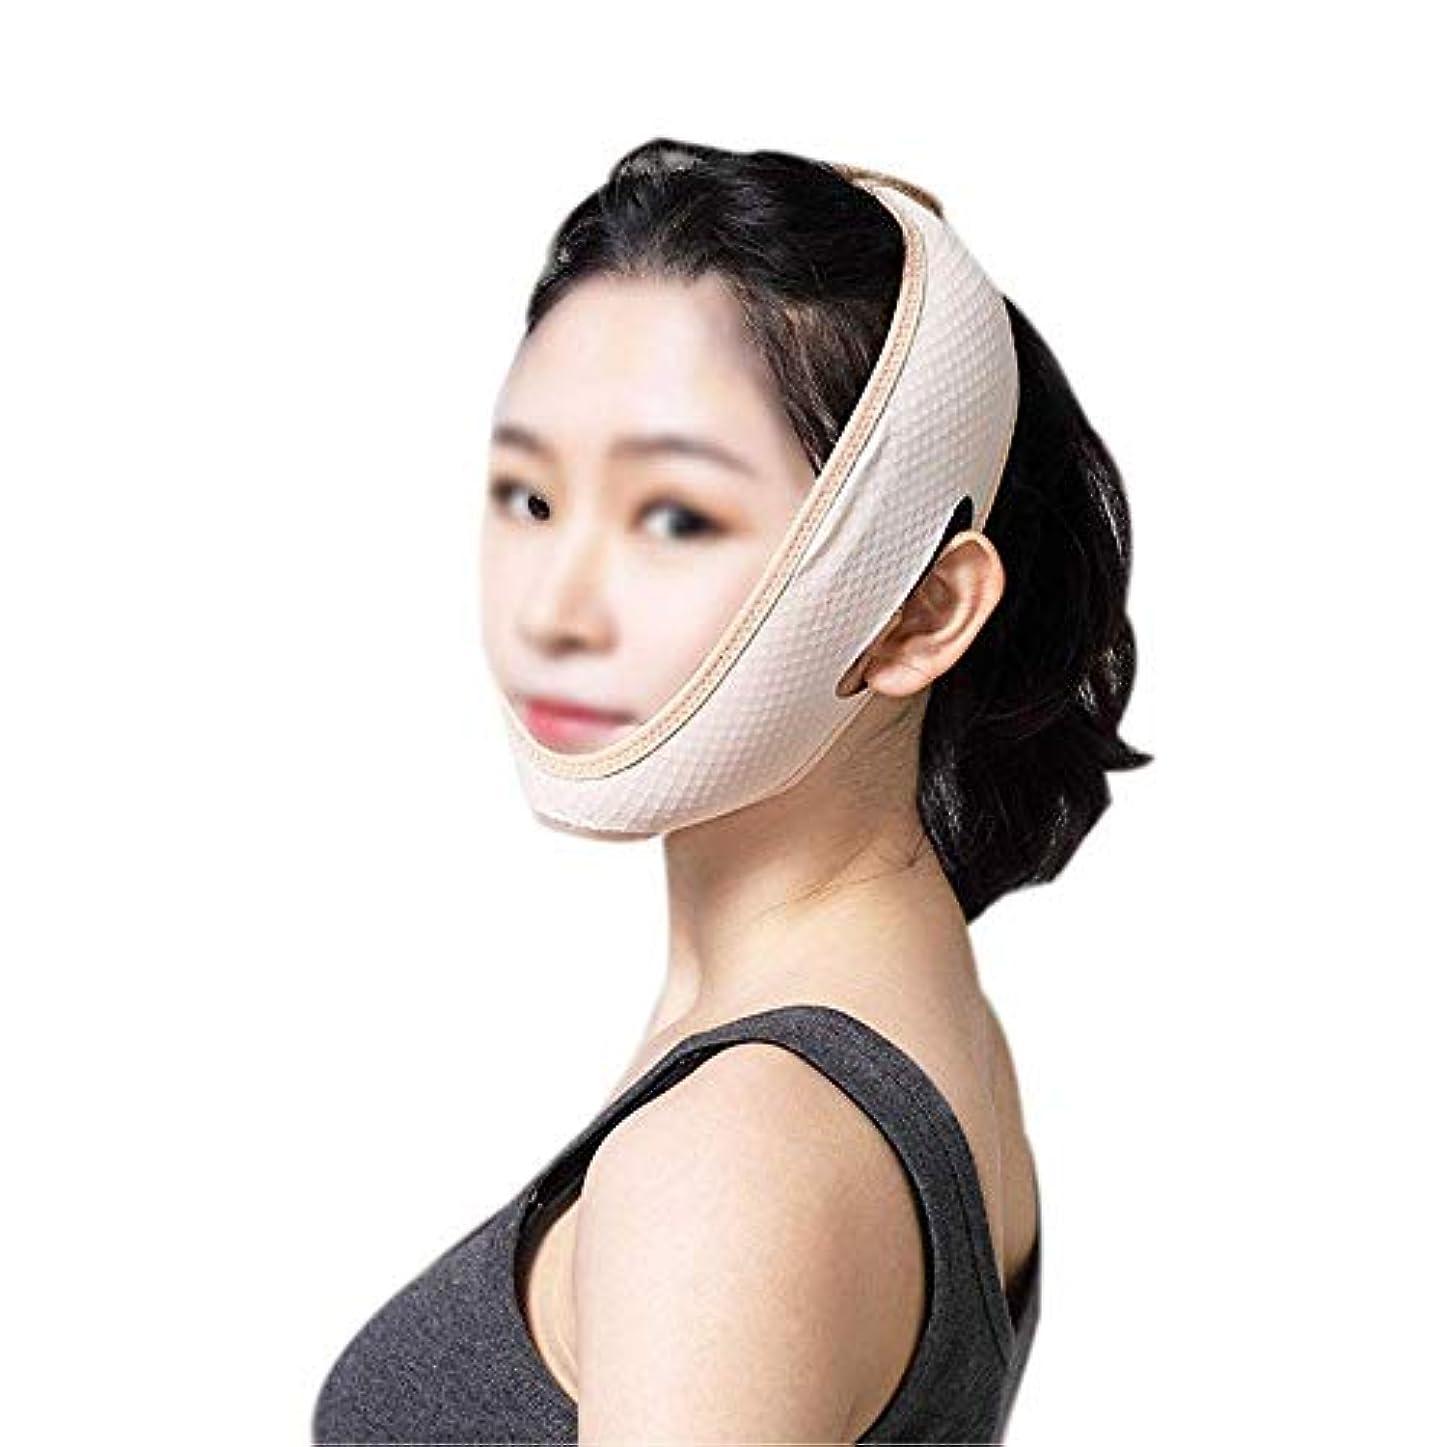 ピッチ定数広告主フェイスリフティングバンデージ、肌の引き締めを強化する薄いフェイスマスクの睡眠、ダブルチンマスクの削減